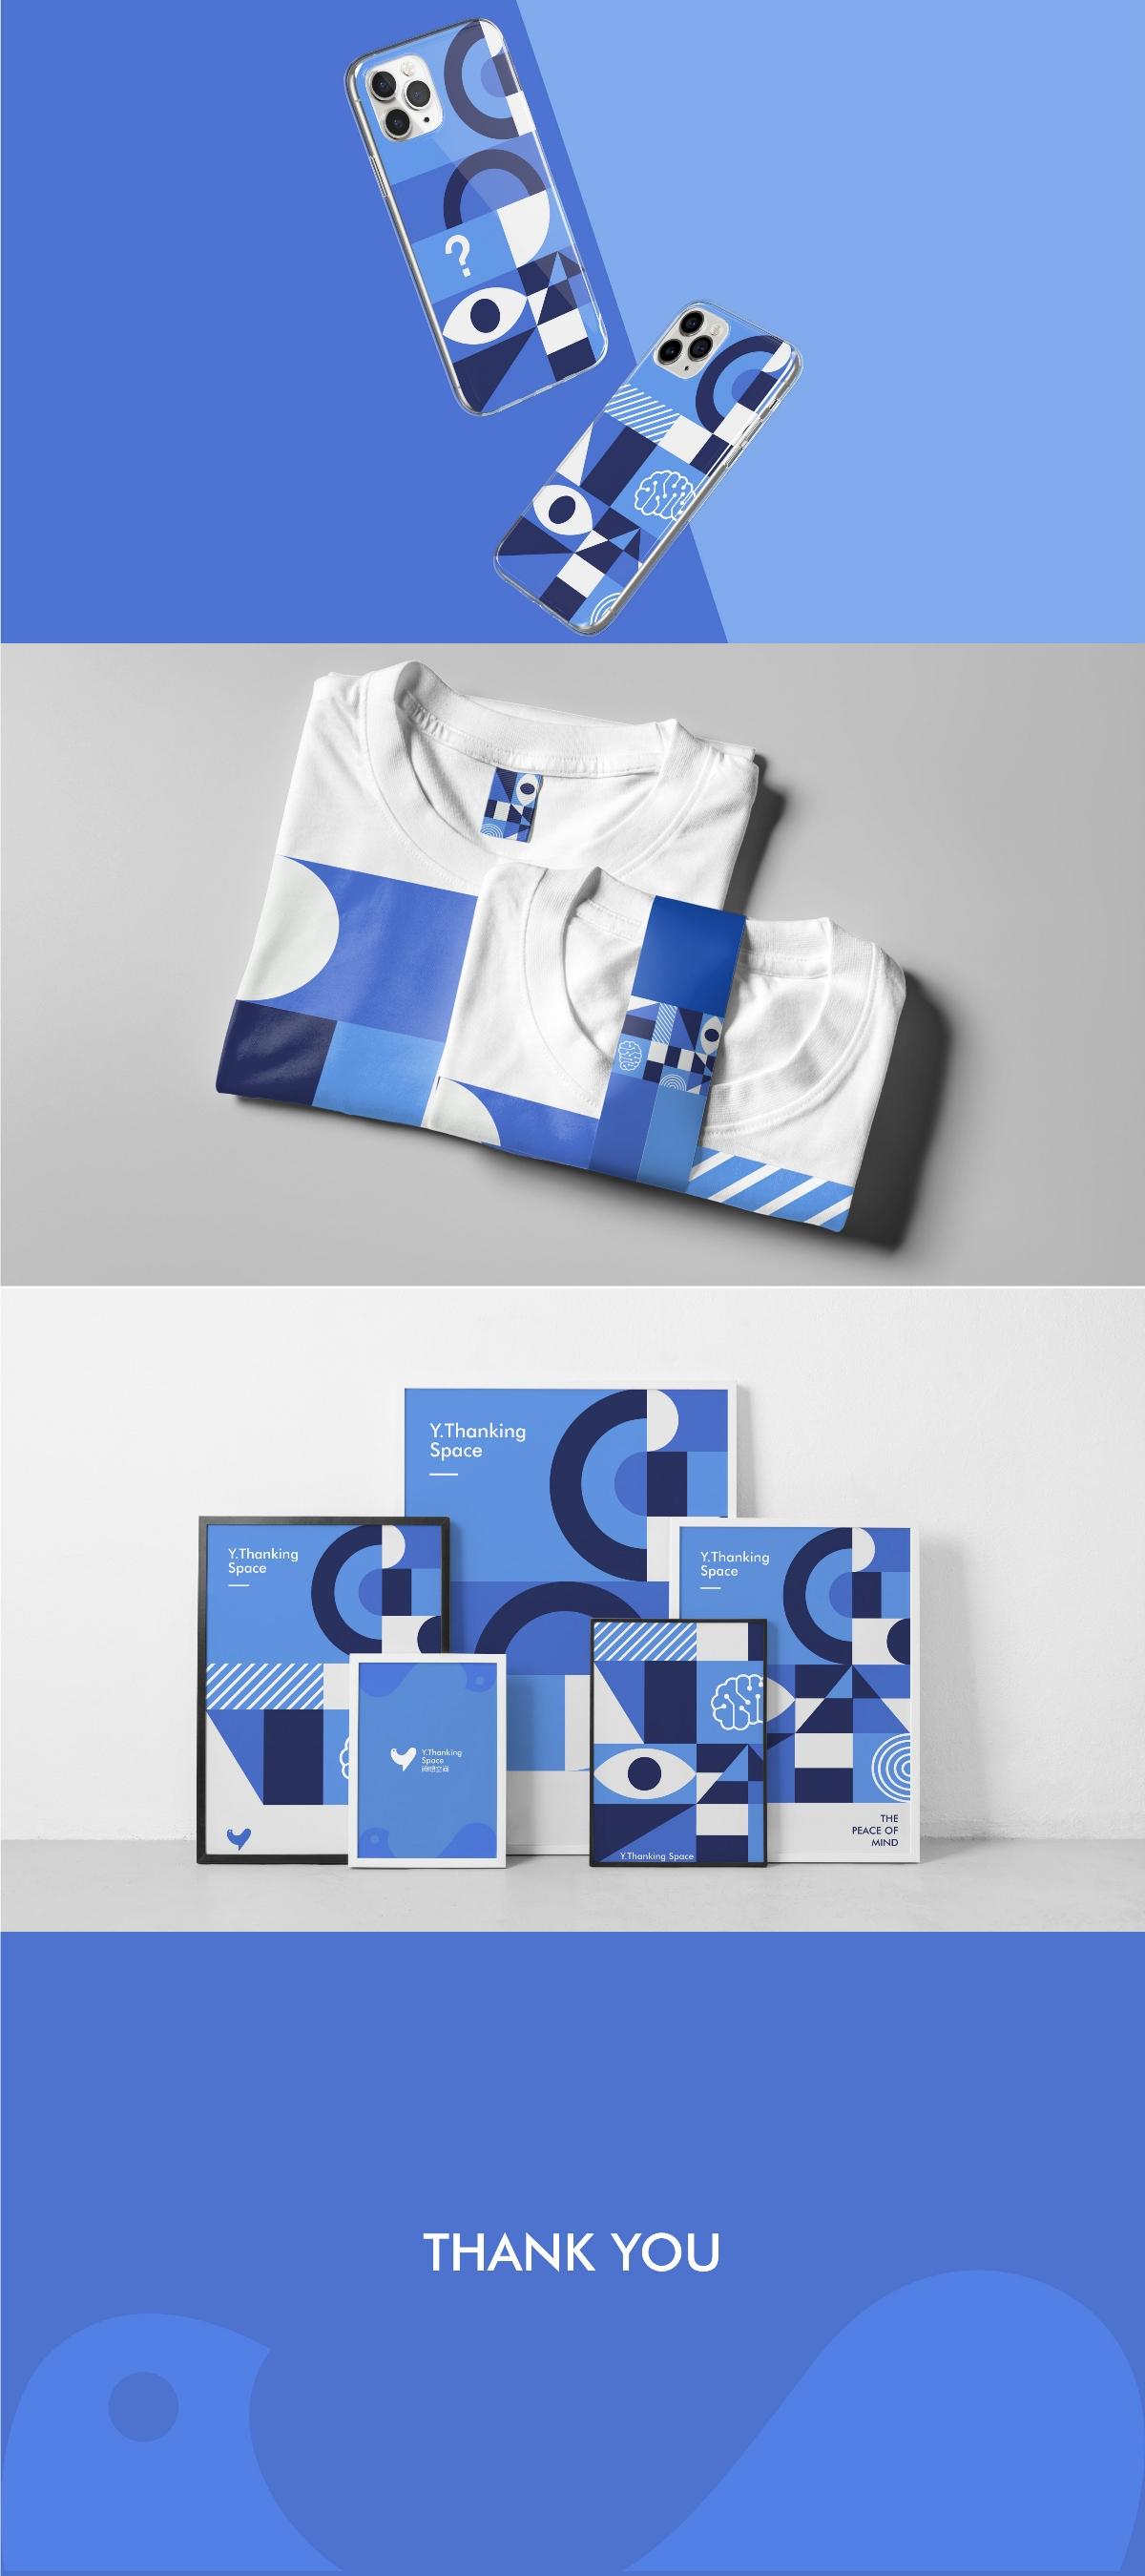 阅想空间 品牌设计提案